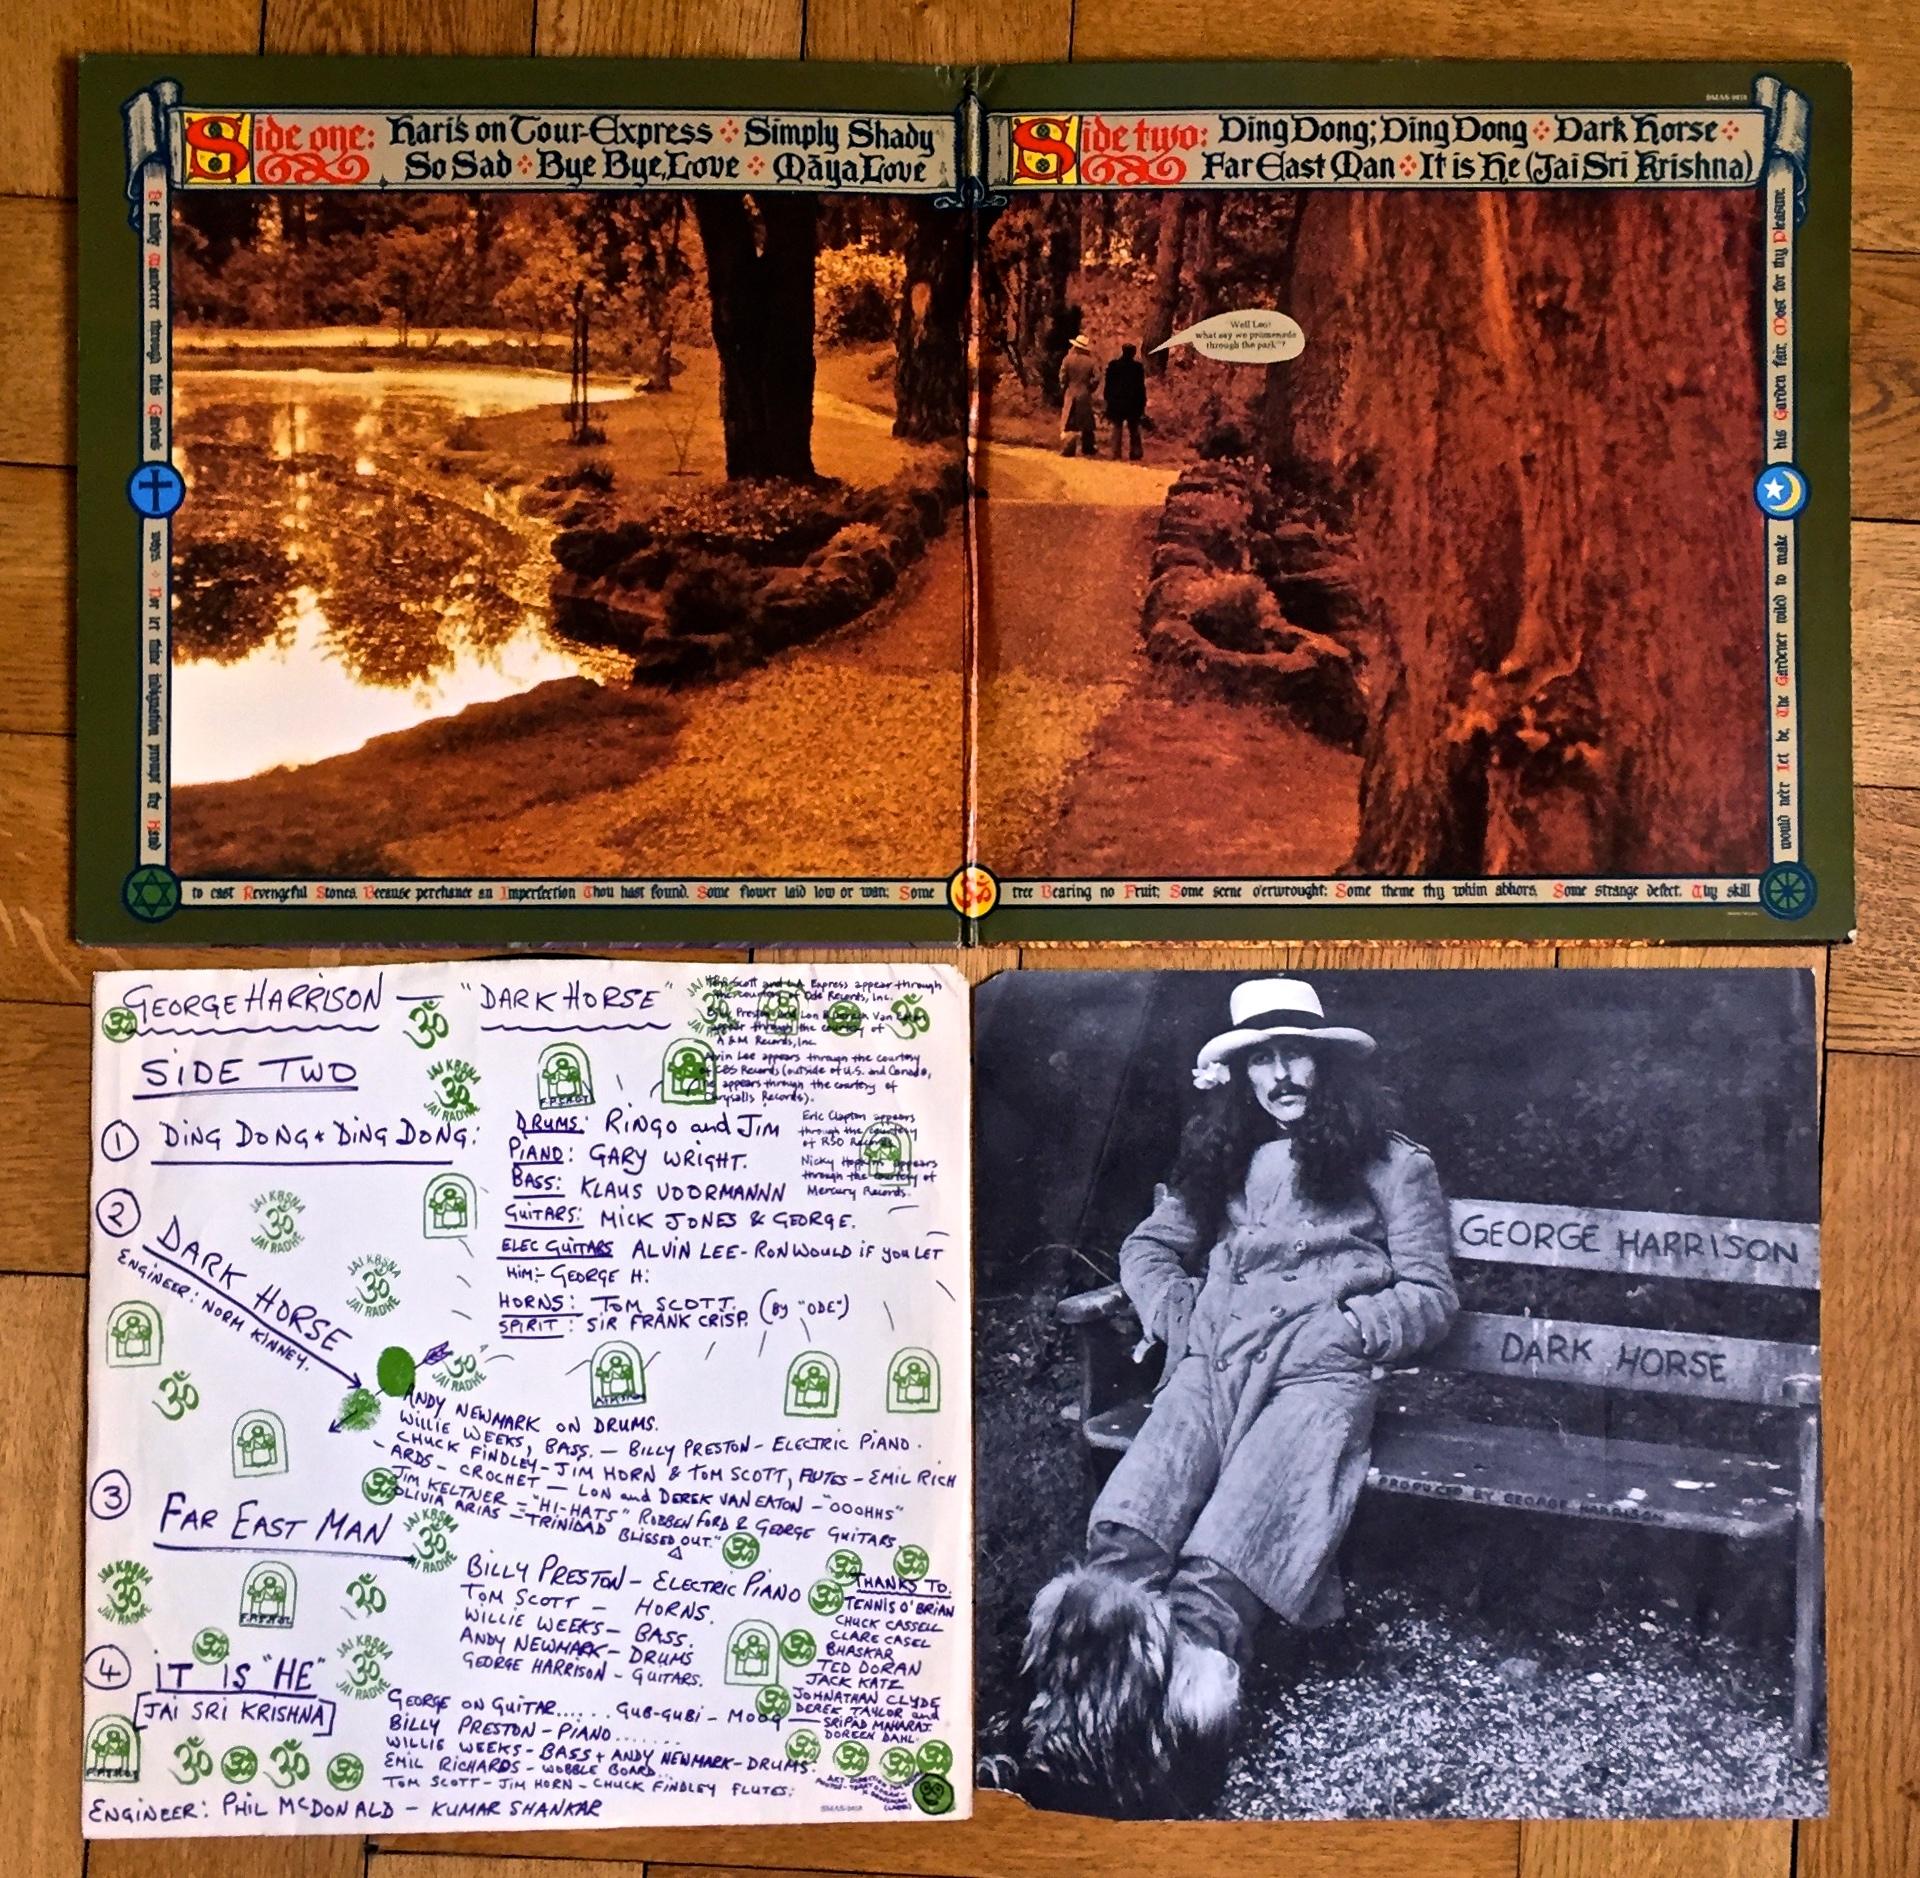 Bild meiner ersten LP: Dark Horse, George Harrison, 1974